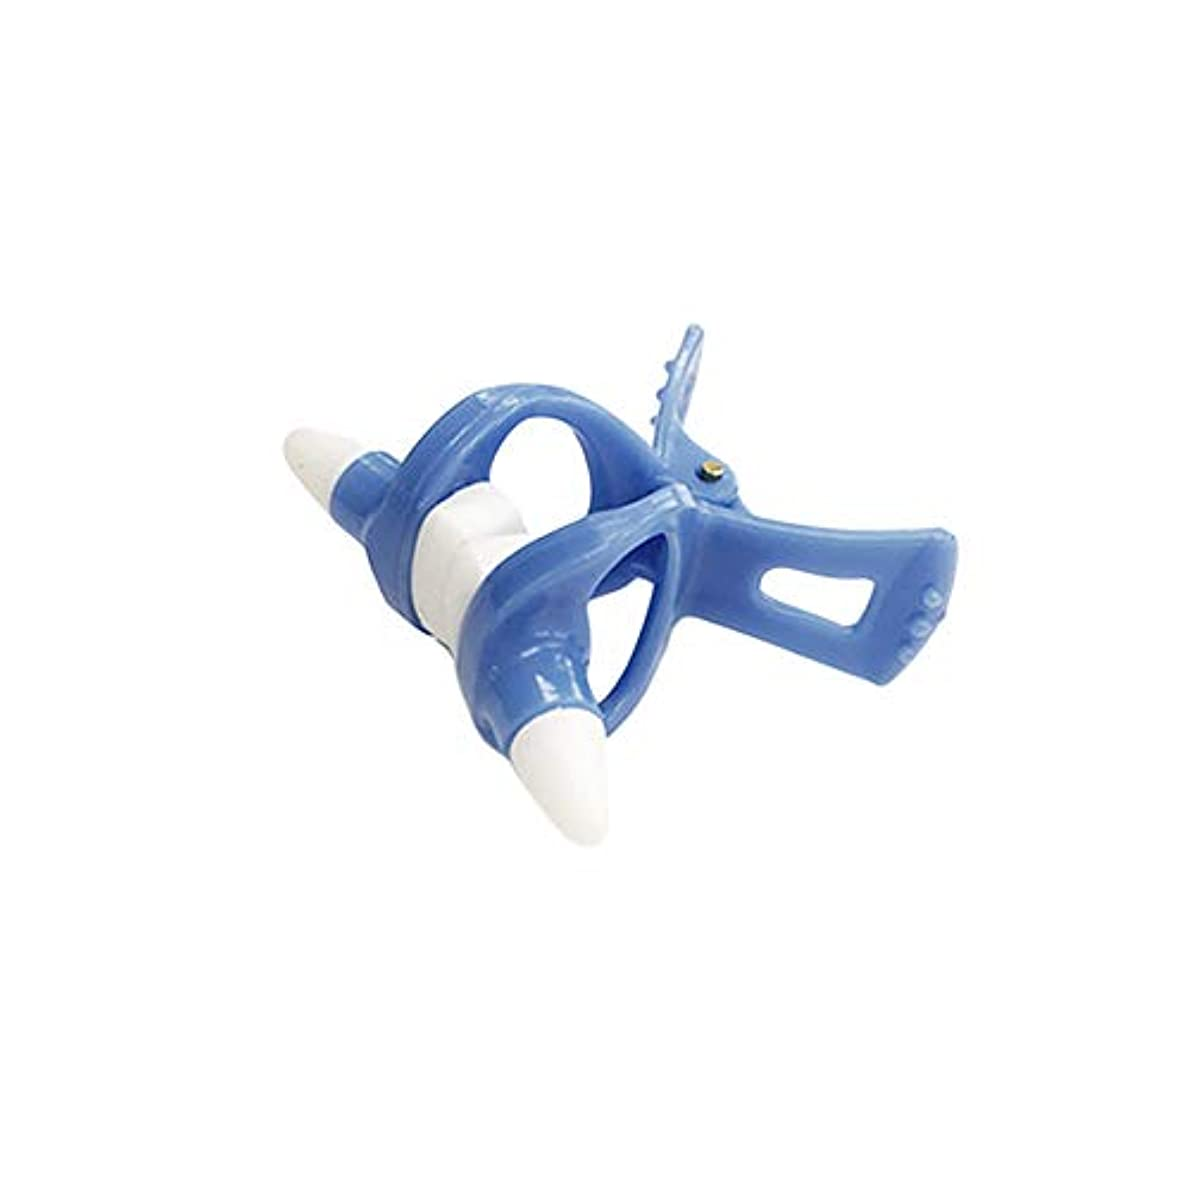 支援する差し控えるいろいろ[jolifavori]鼻を高くするための矯正クリップ 鼻高々ノーズアップ 美容グッズ